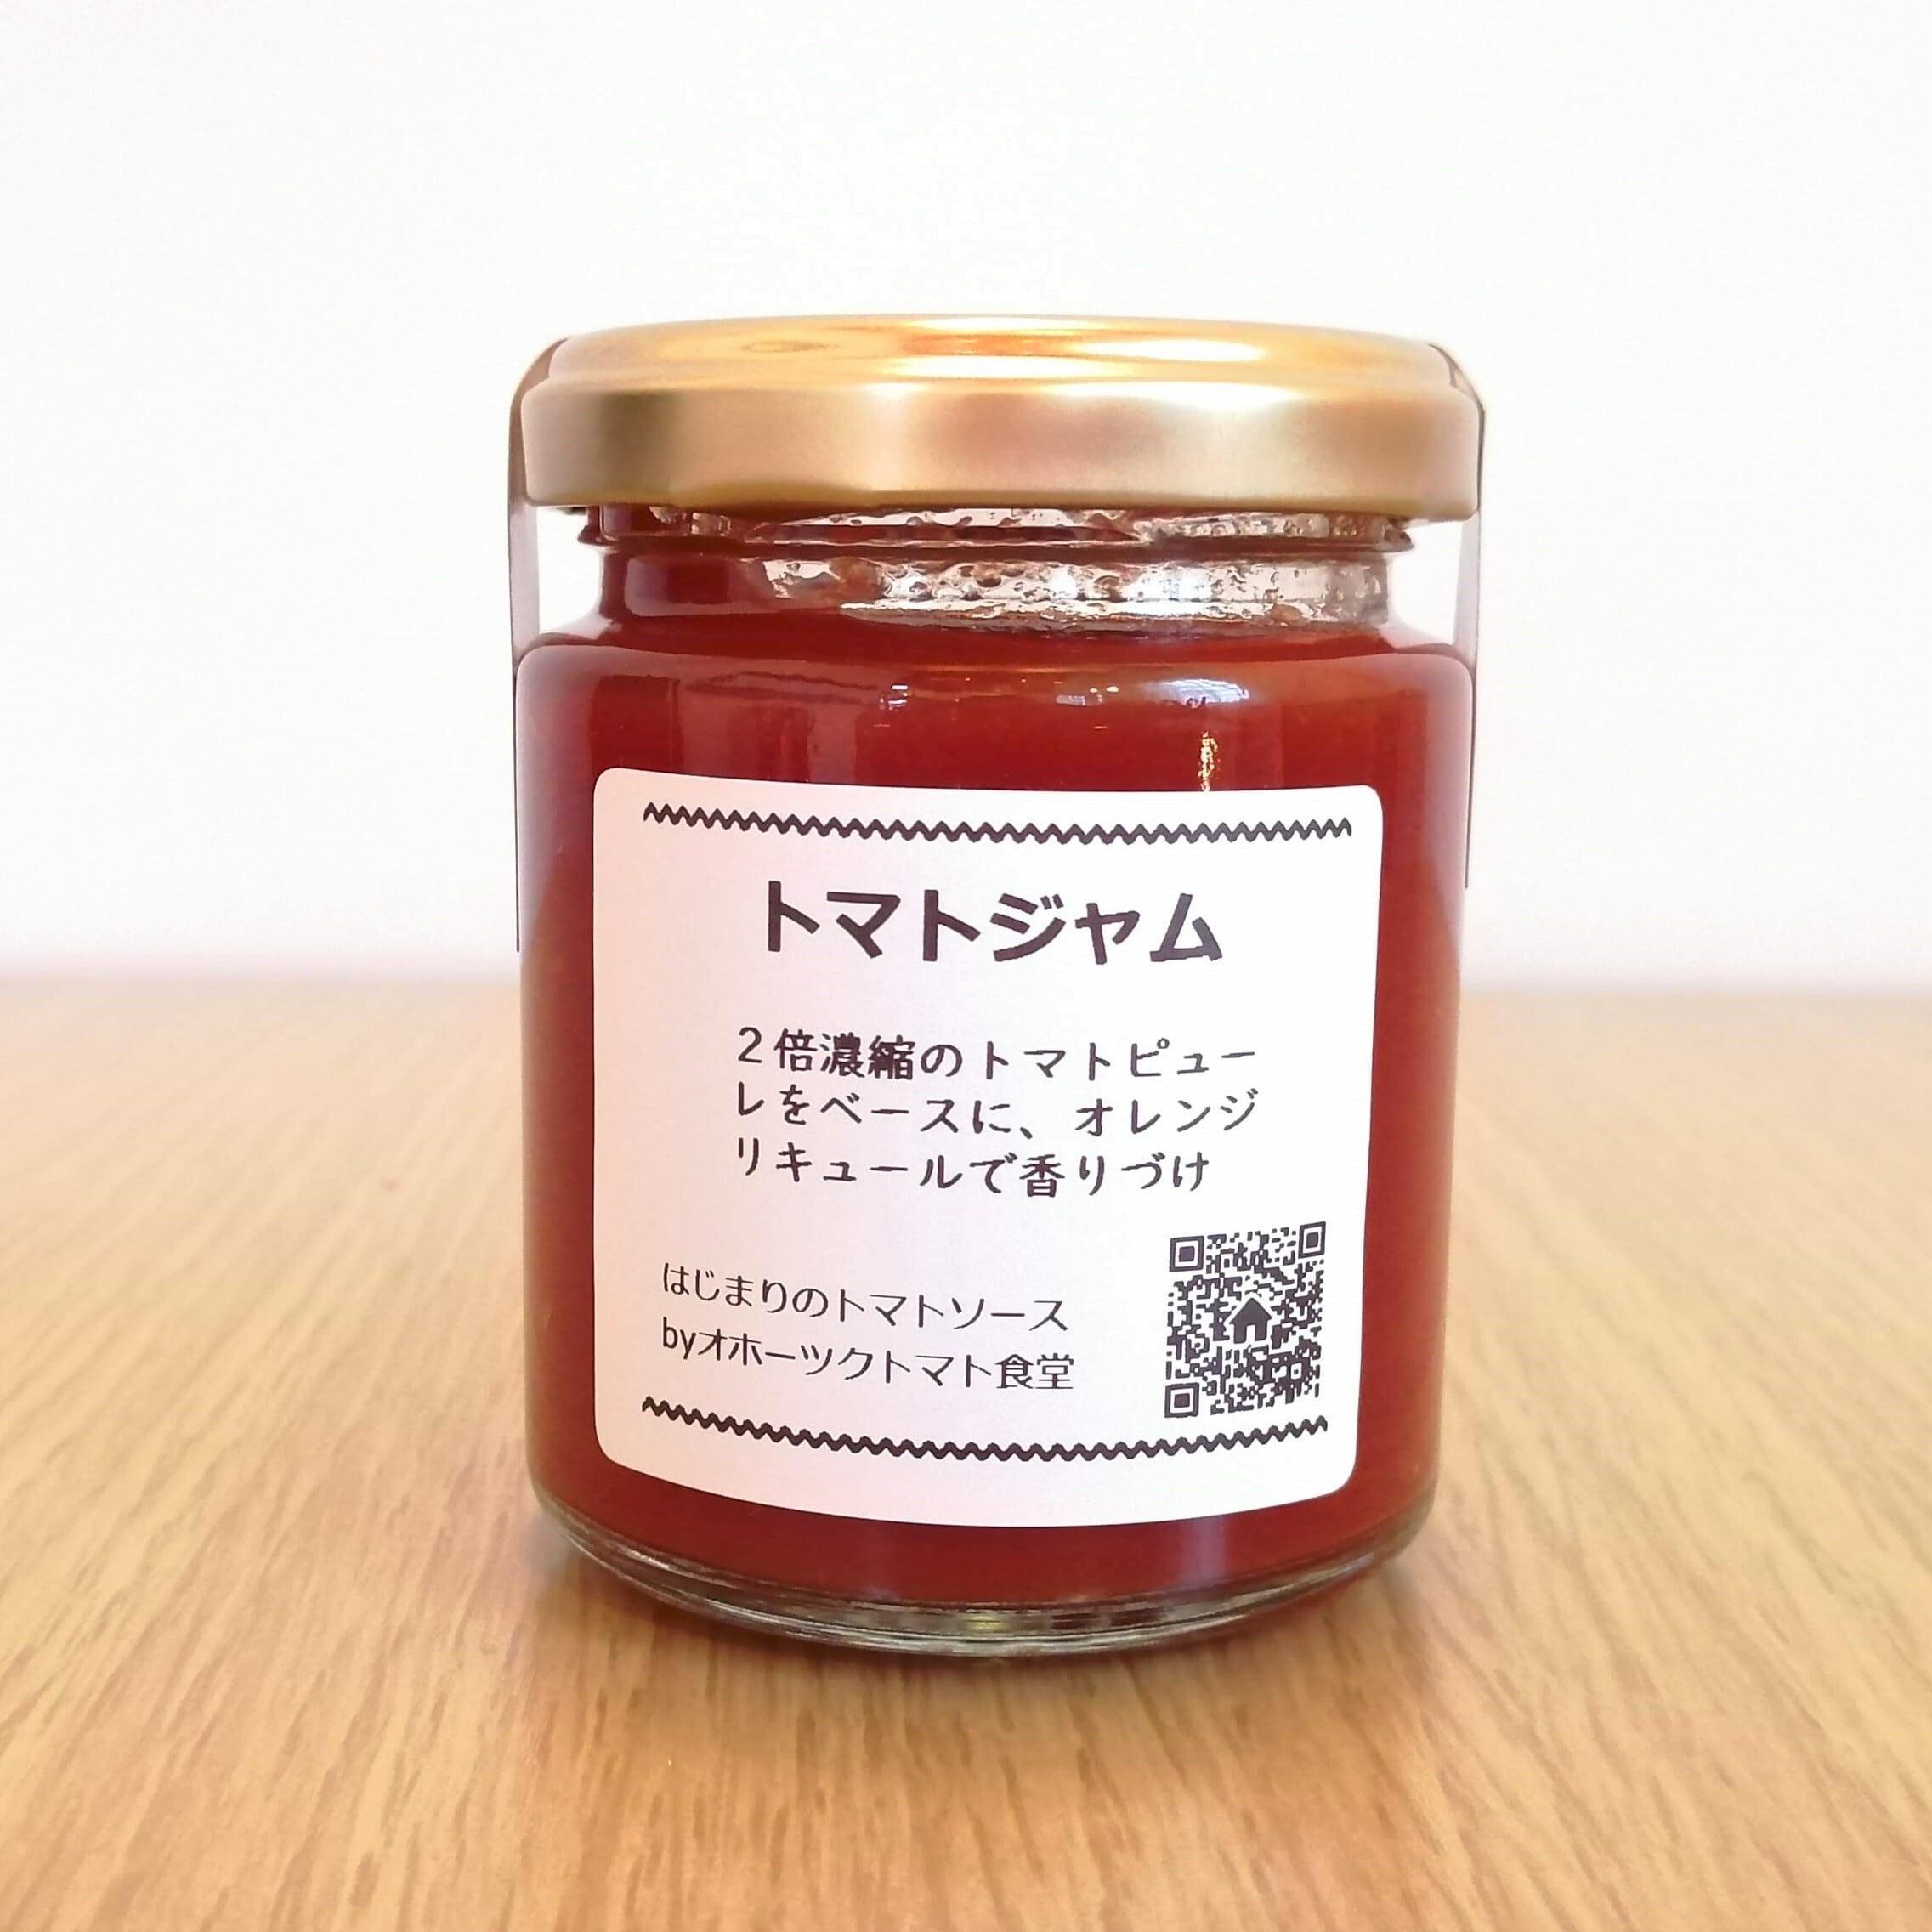 濃厚トマトのあま~いジャム 100g